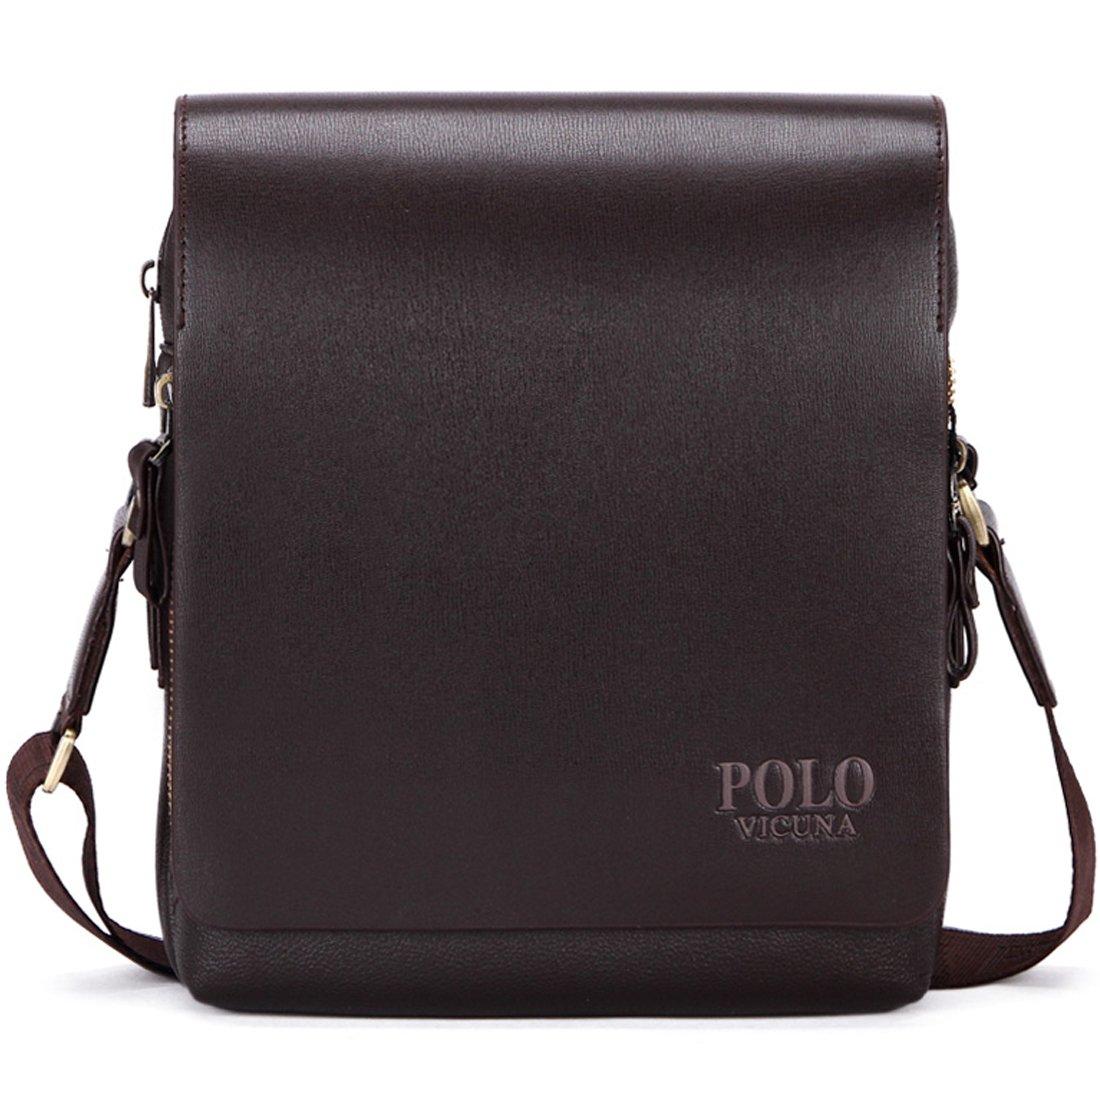 VICUNA POLO PU Leather Men Messenger Bag Cross Body Bag Shoulder Bag For Men(large, brown)